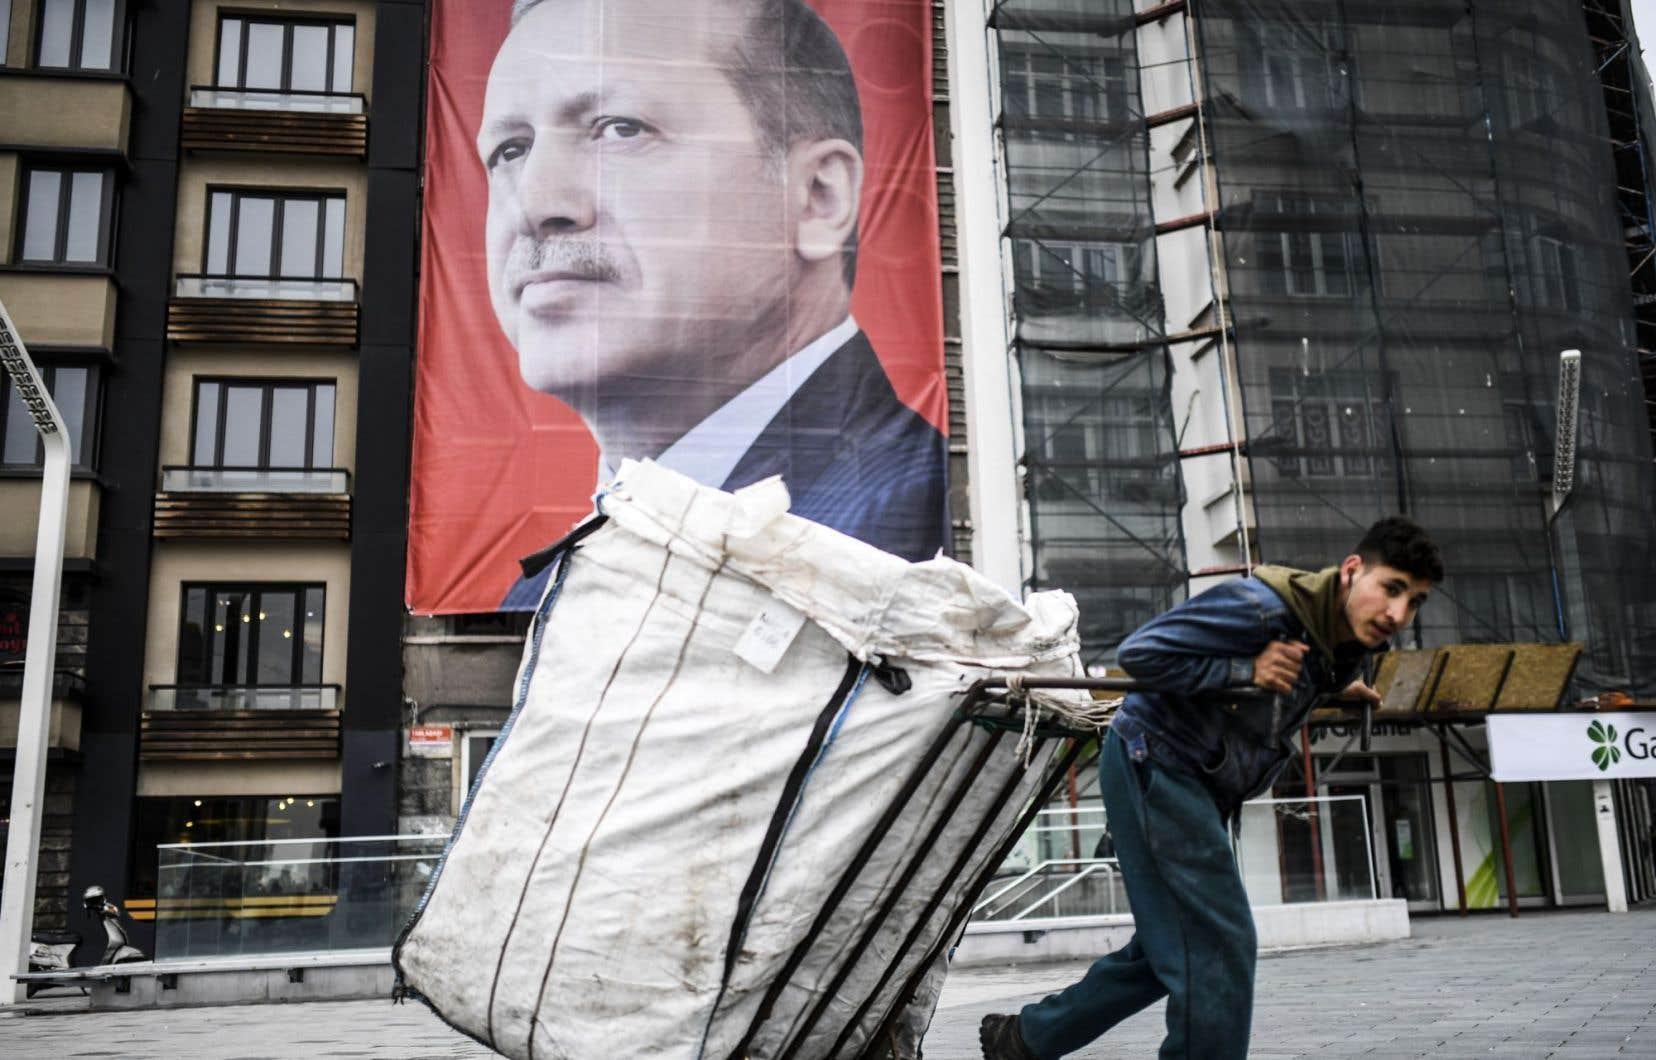 Le président turc, Recep Tayyip Erdogan, esten pleine campagne pour obtenir le renforcement de ses pouvoirs lors d'un référendum prévu le 16 avril.